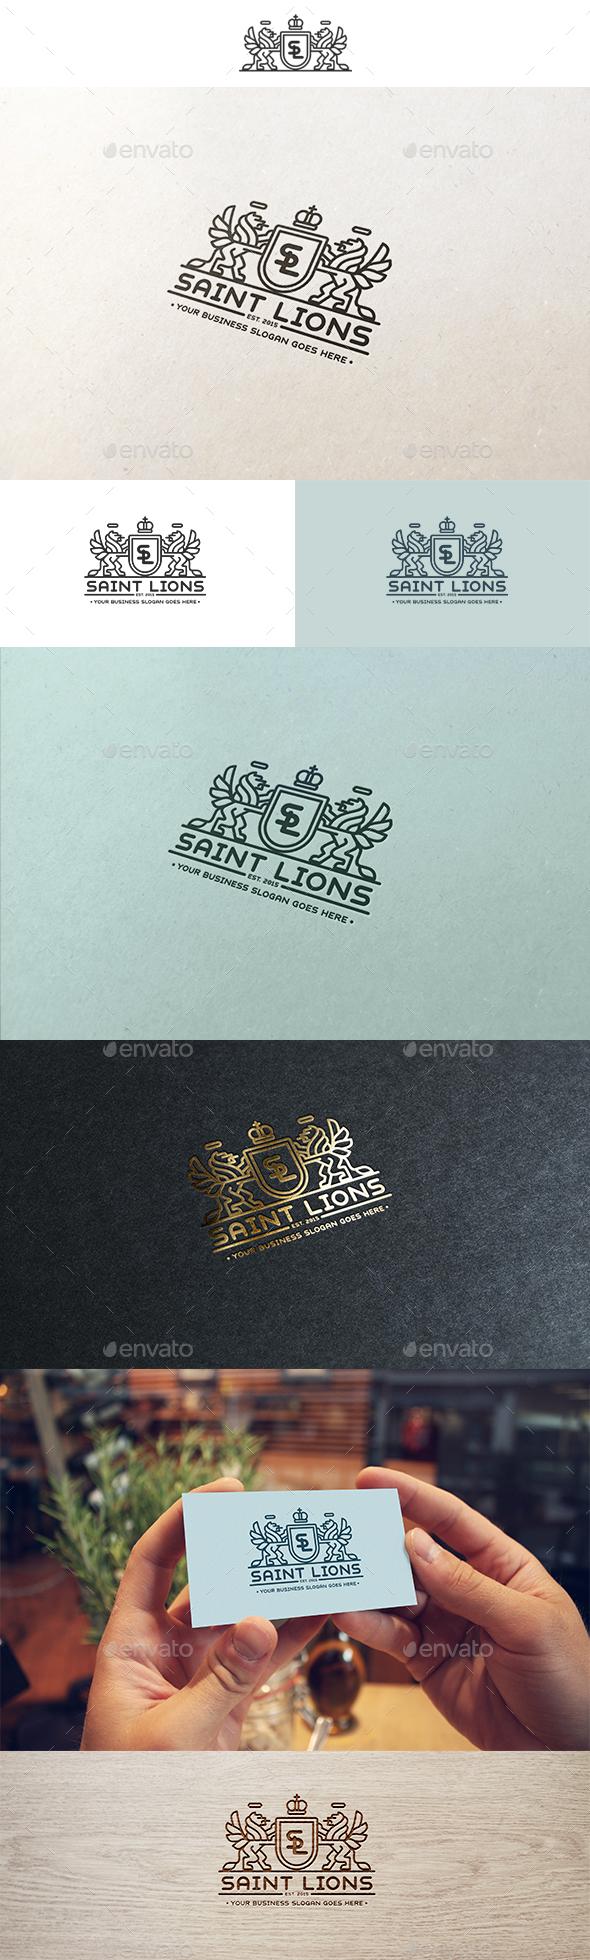 Saint Lions Logo - Crests Logo Templates